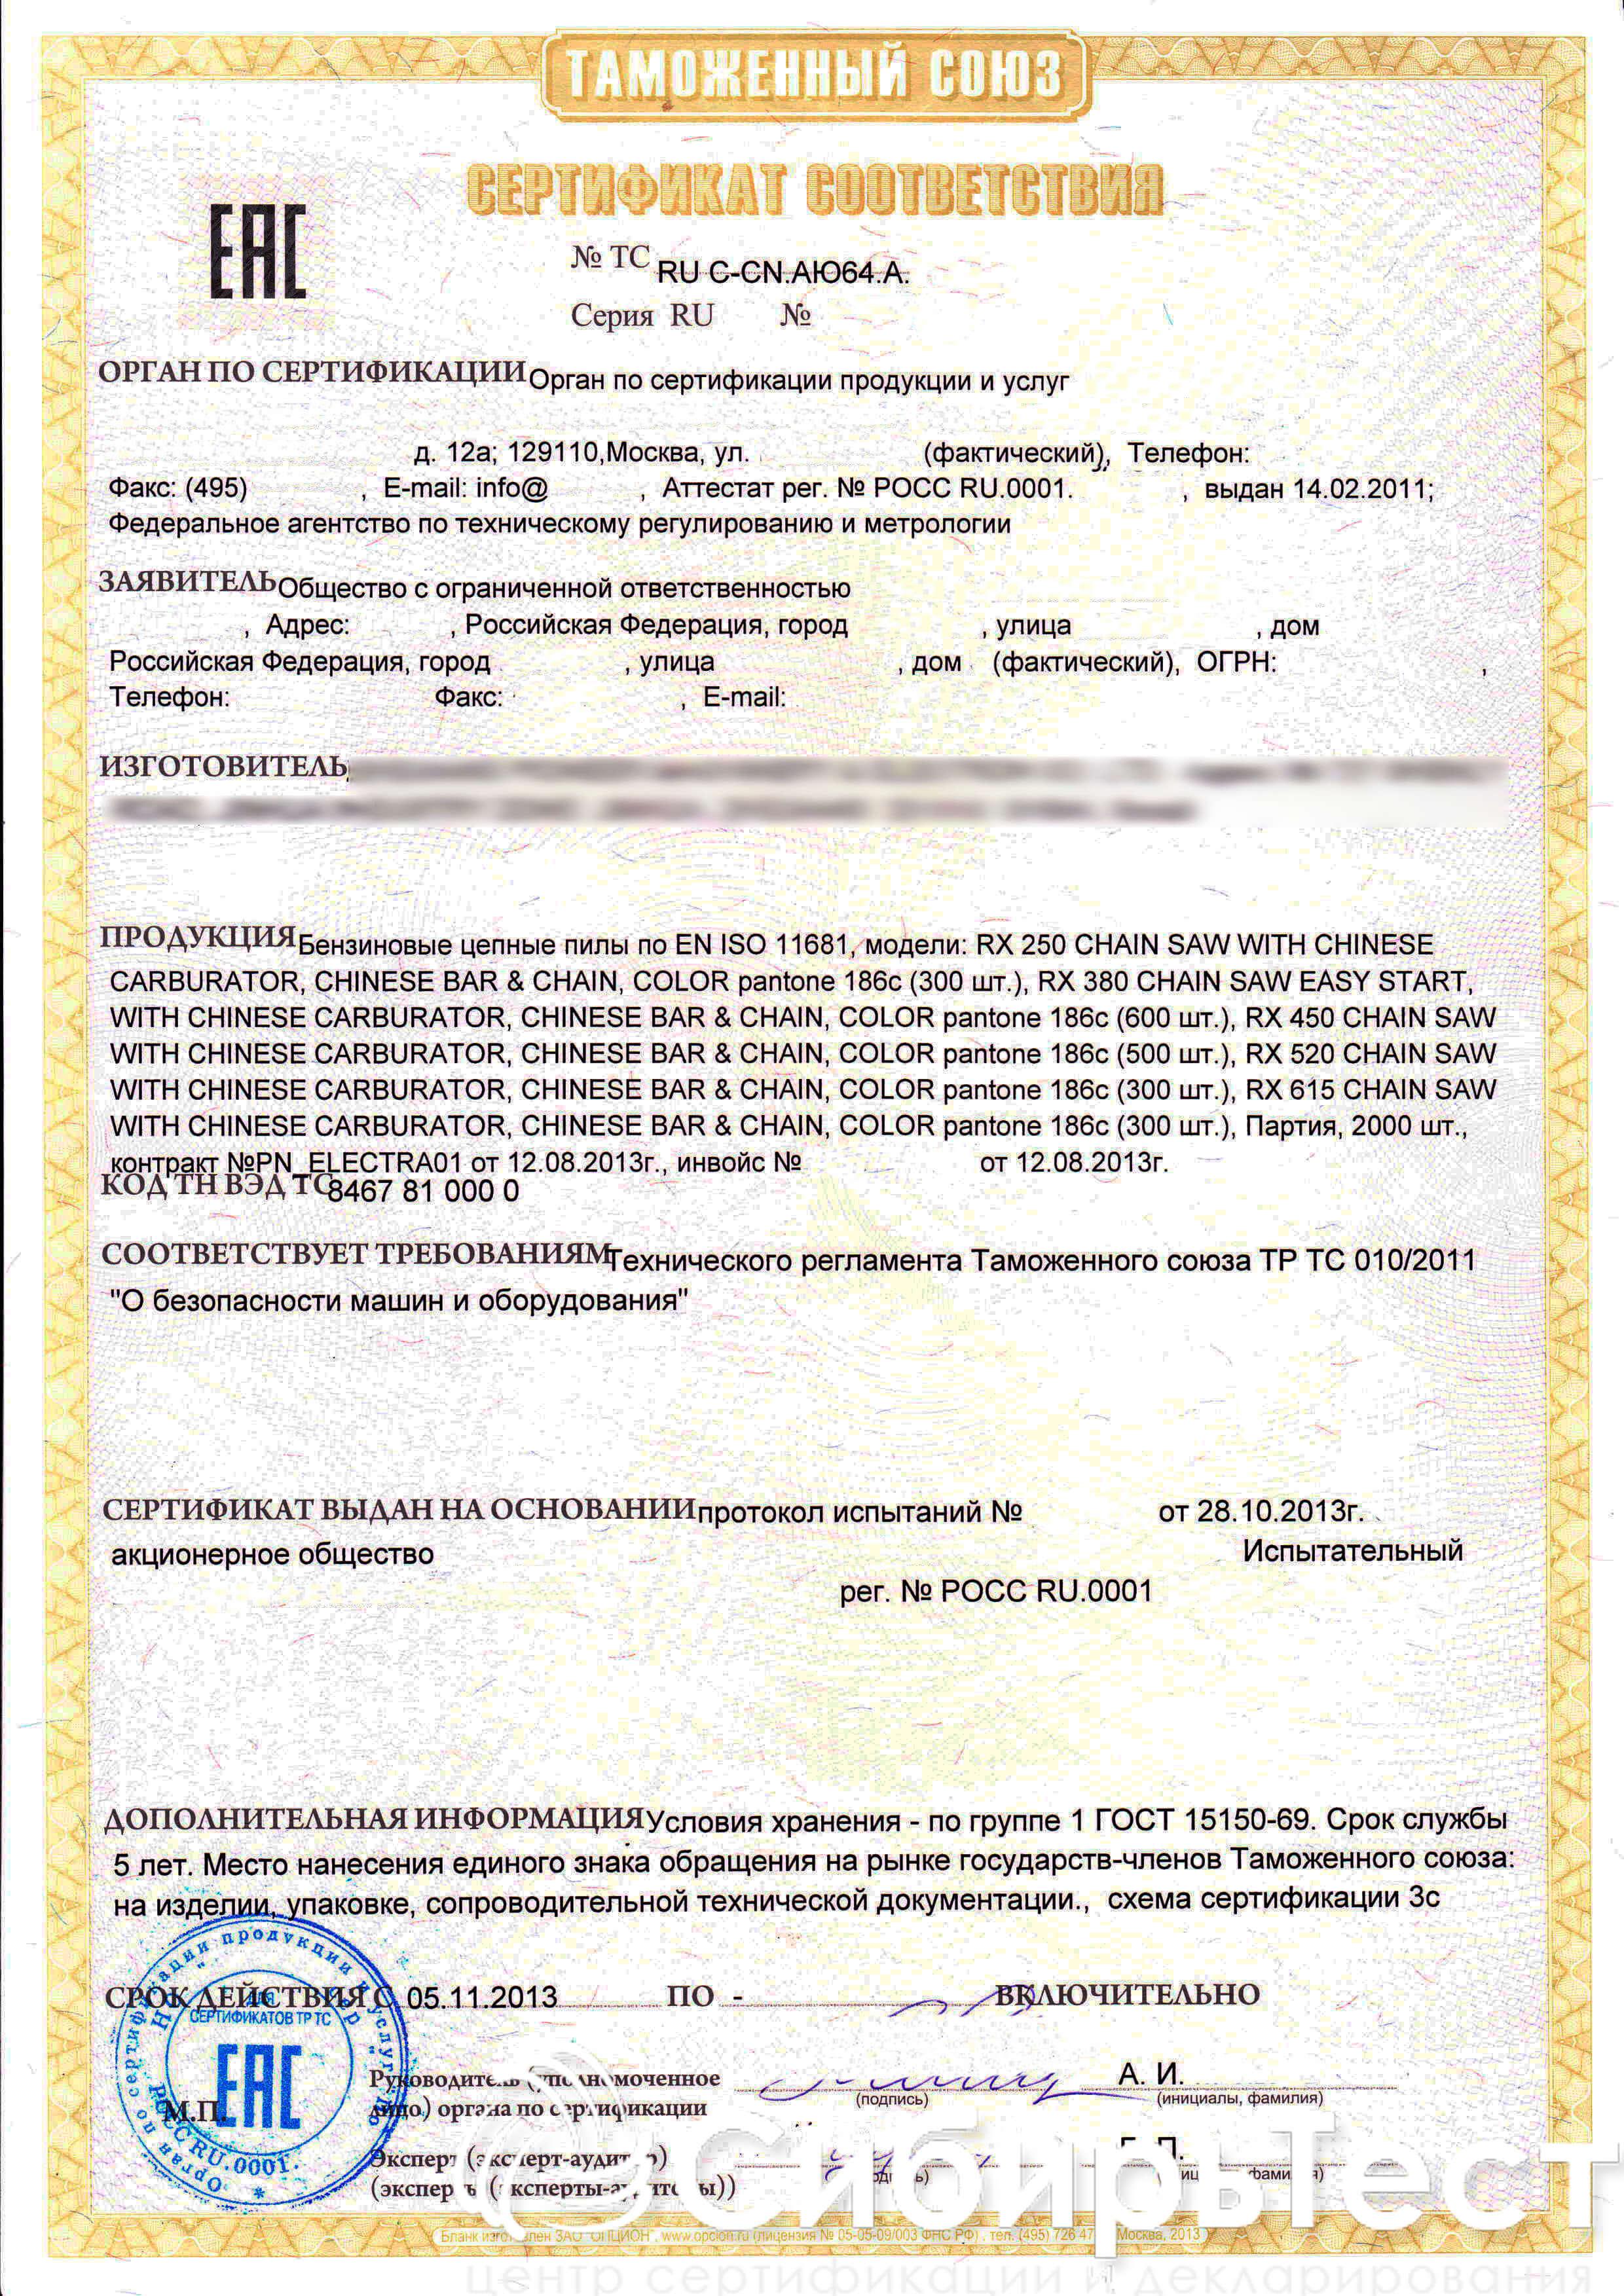 Сертификация противопожарных изделий и красок сертификация cisco 3750